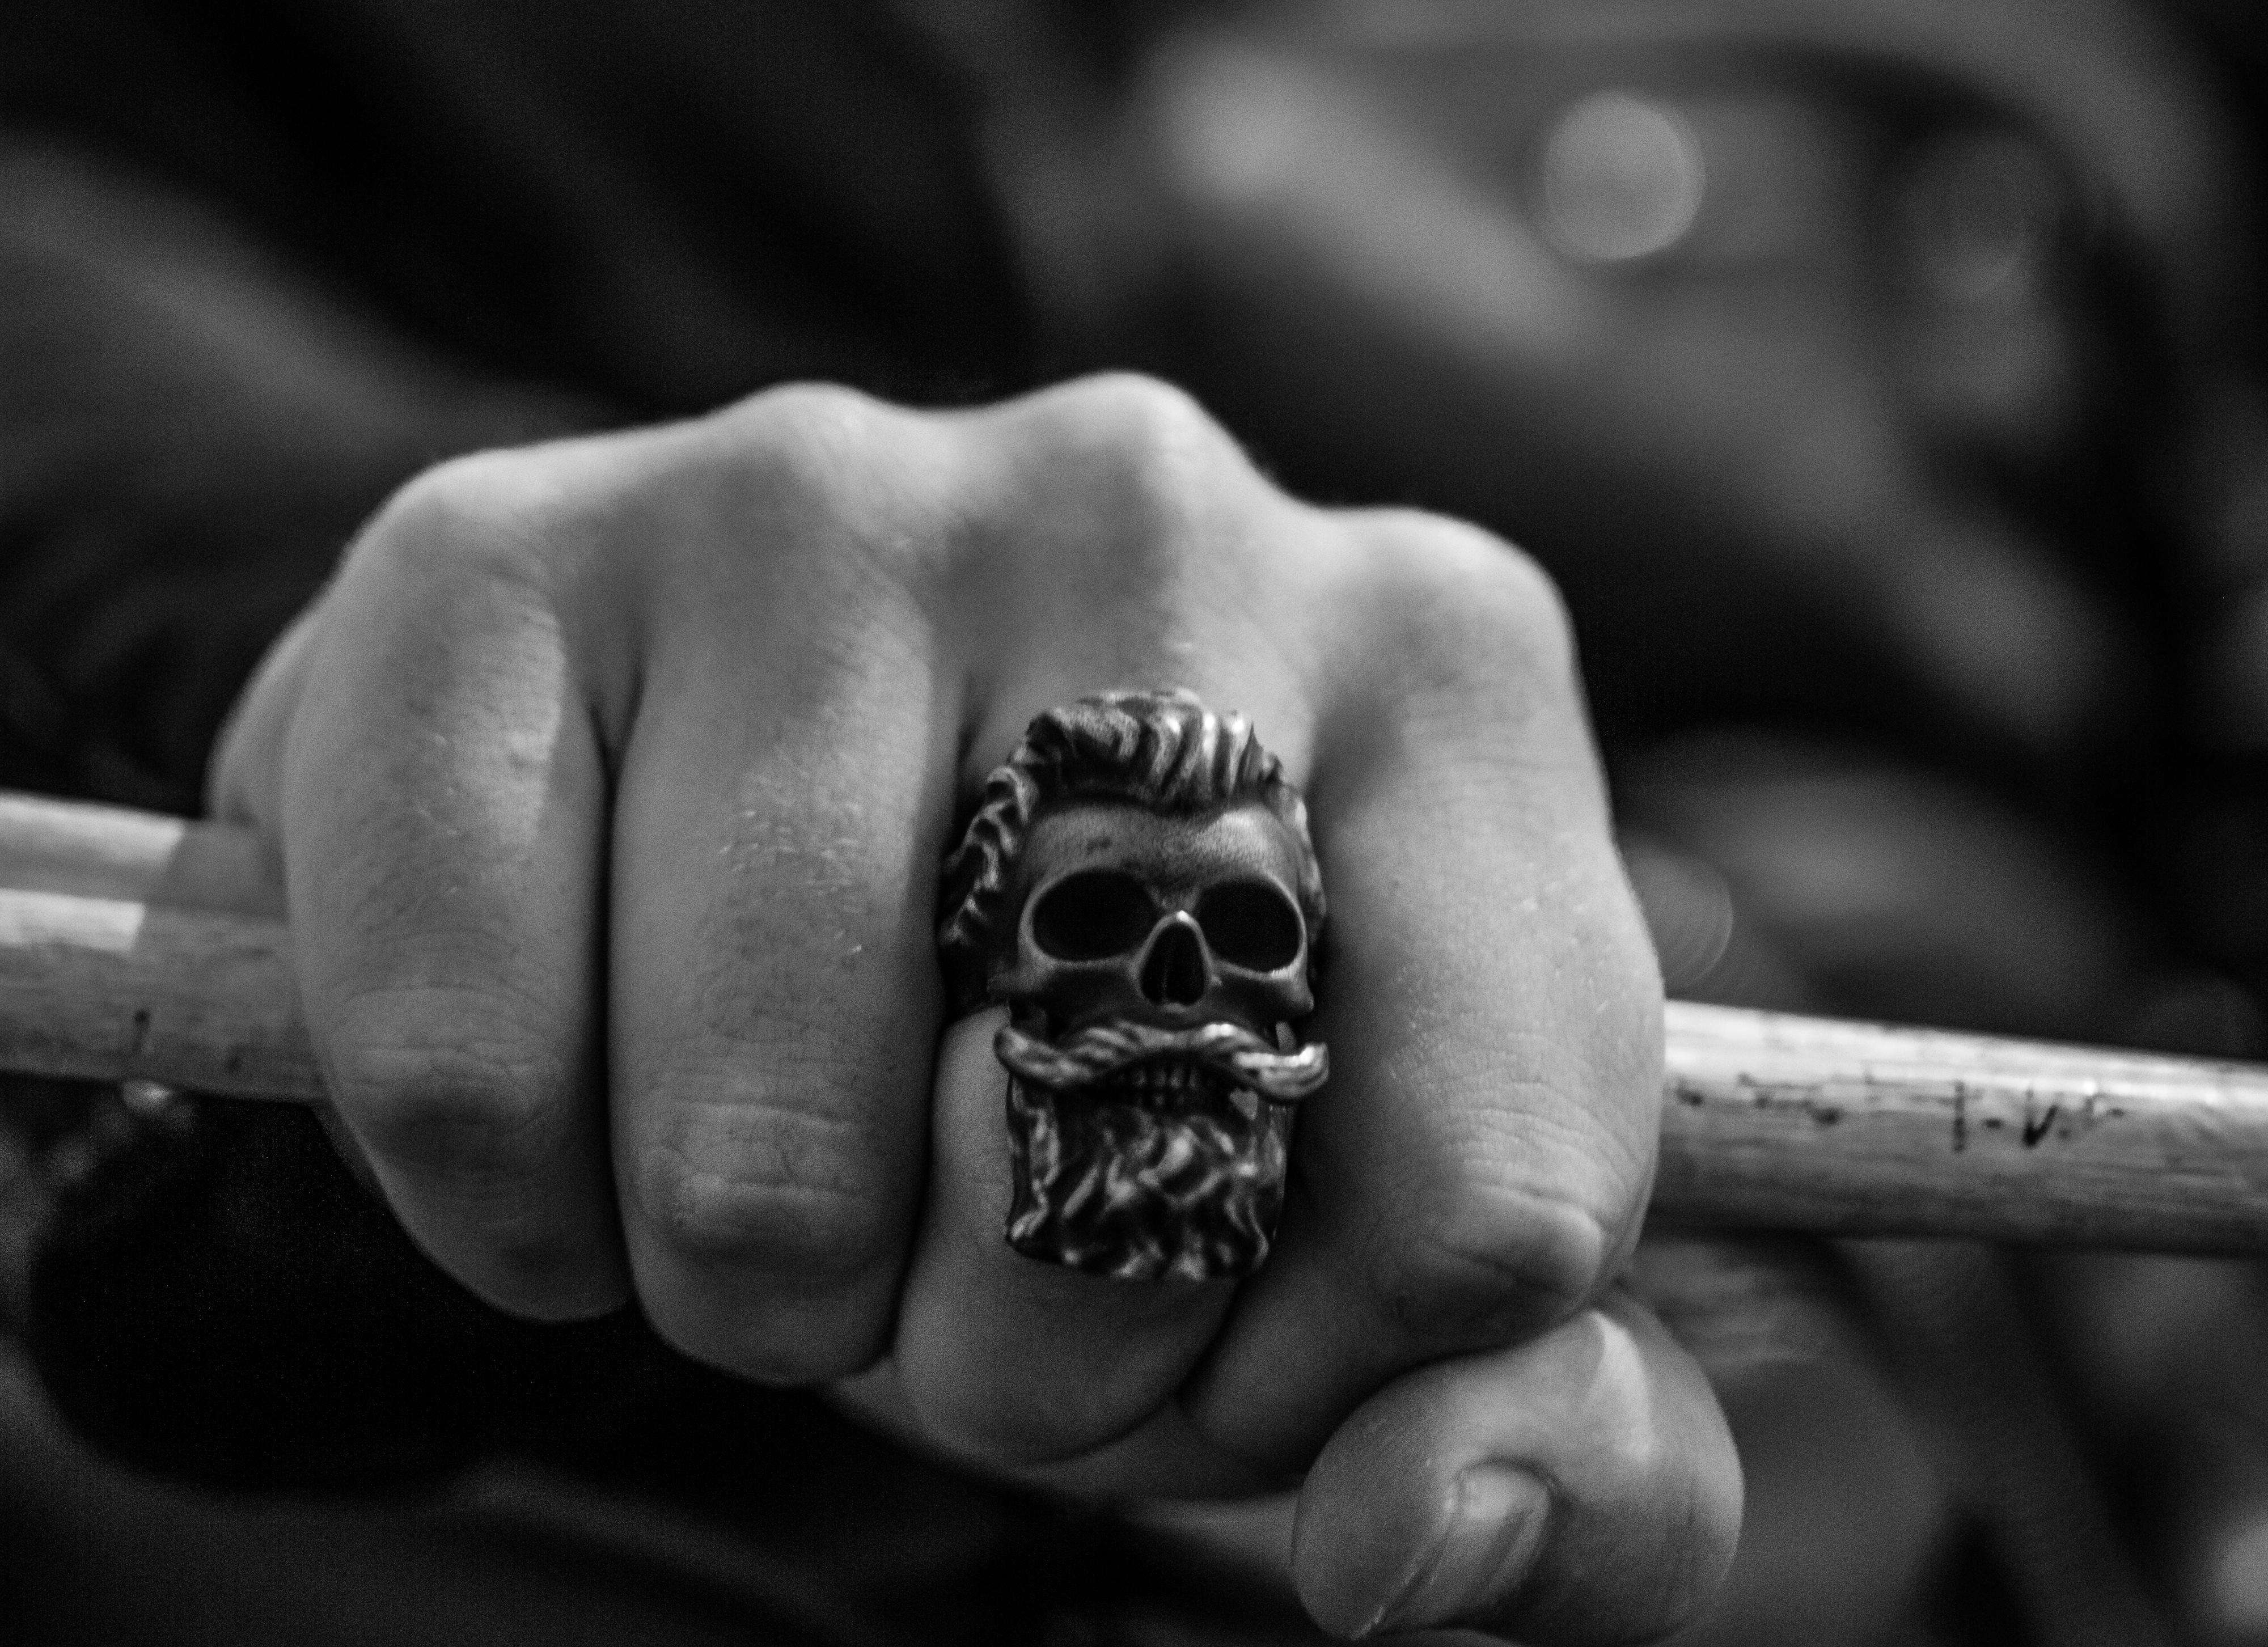 Bearded skull ring